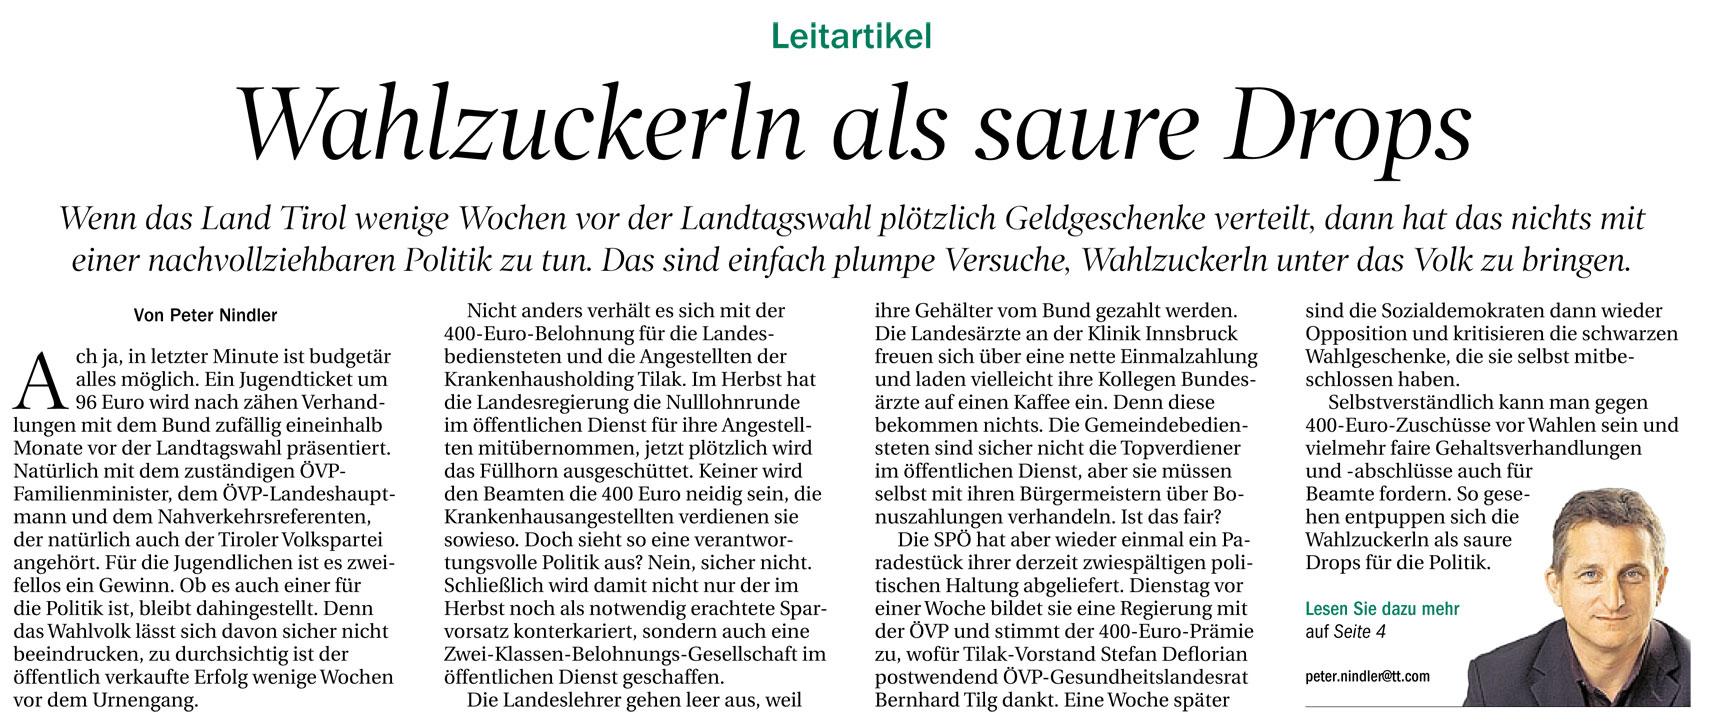 Kommentar in der Tiroler Tageszeitung zum Thema Öffis